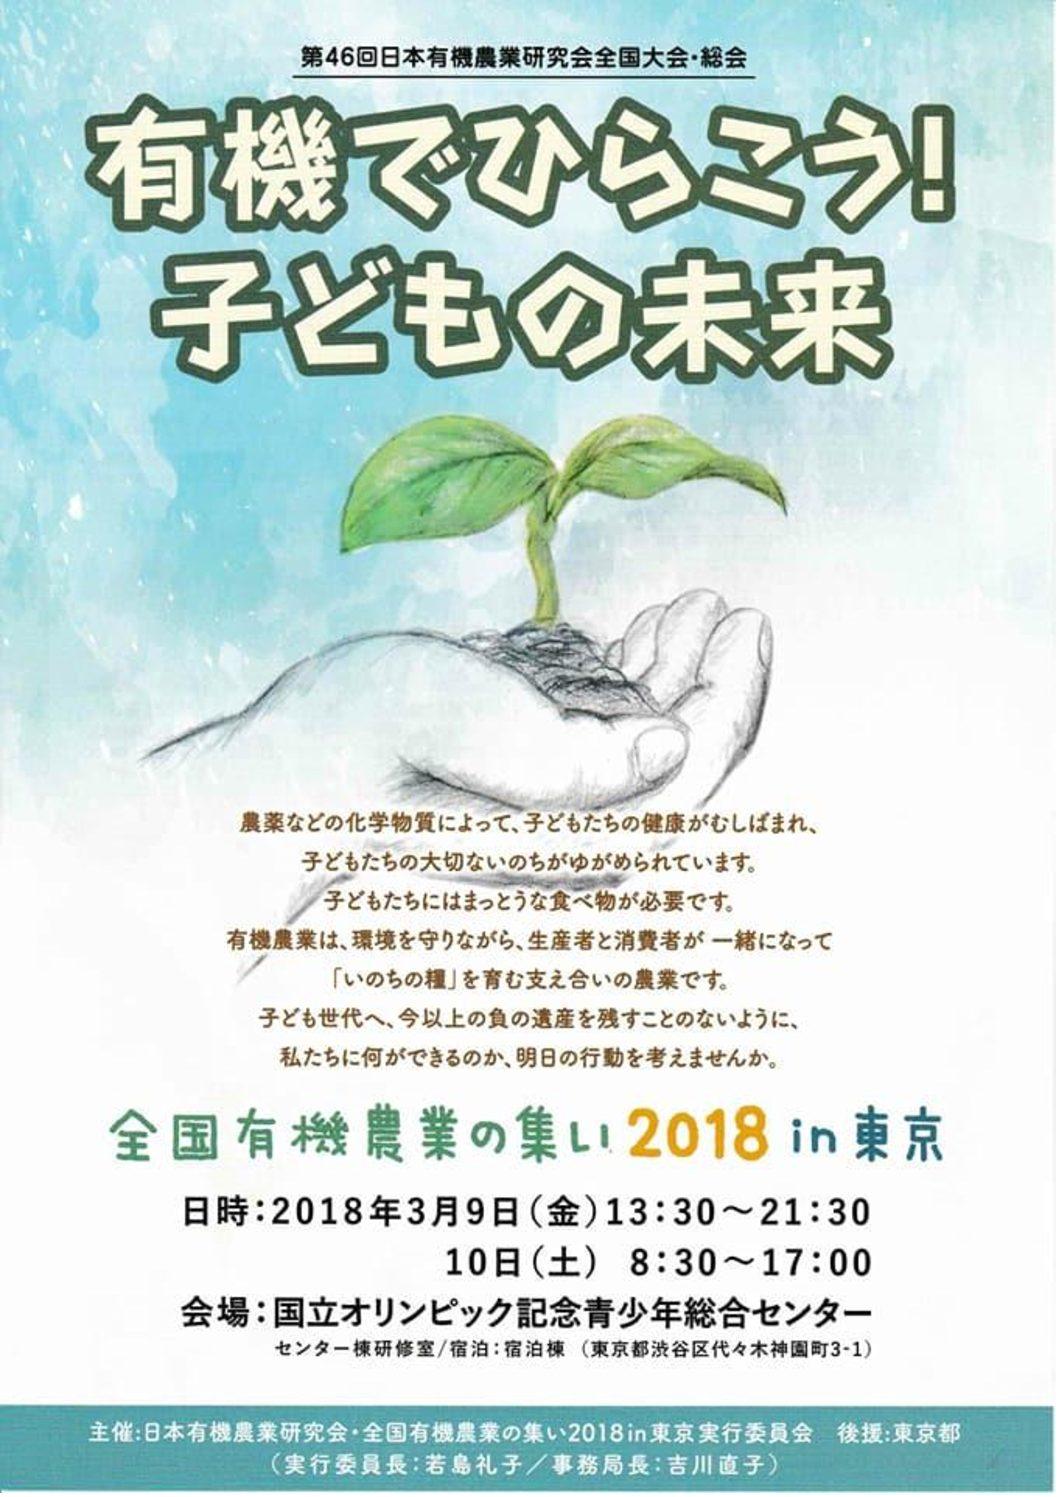 全国有機農業の集い2018 in東京